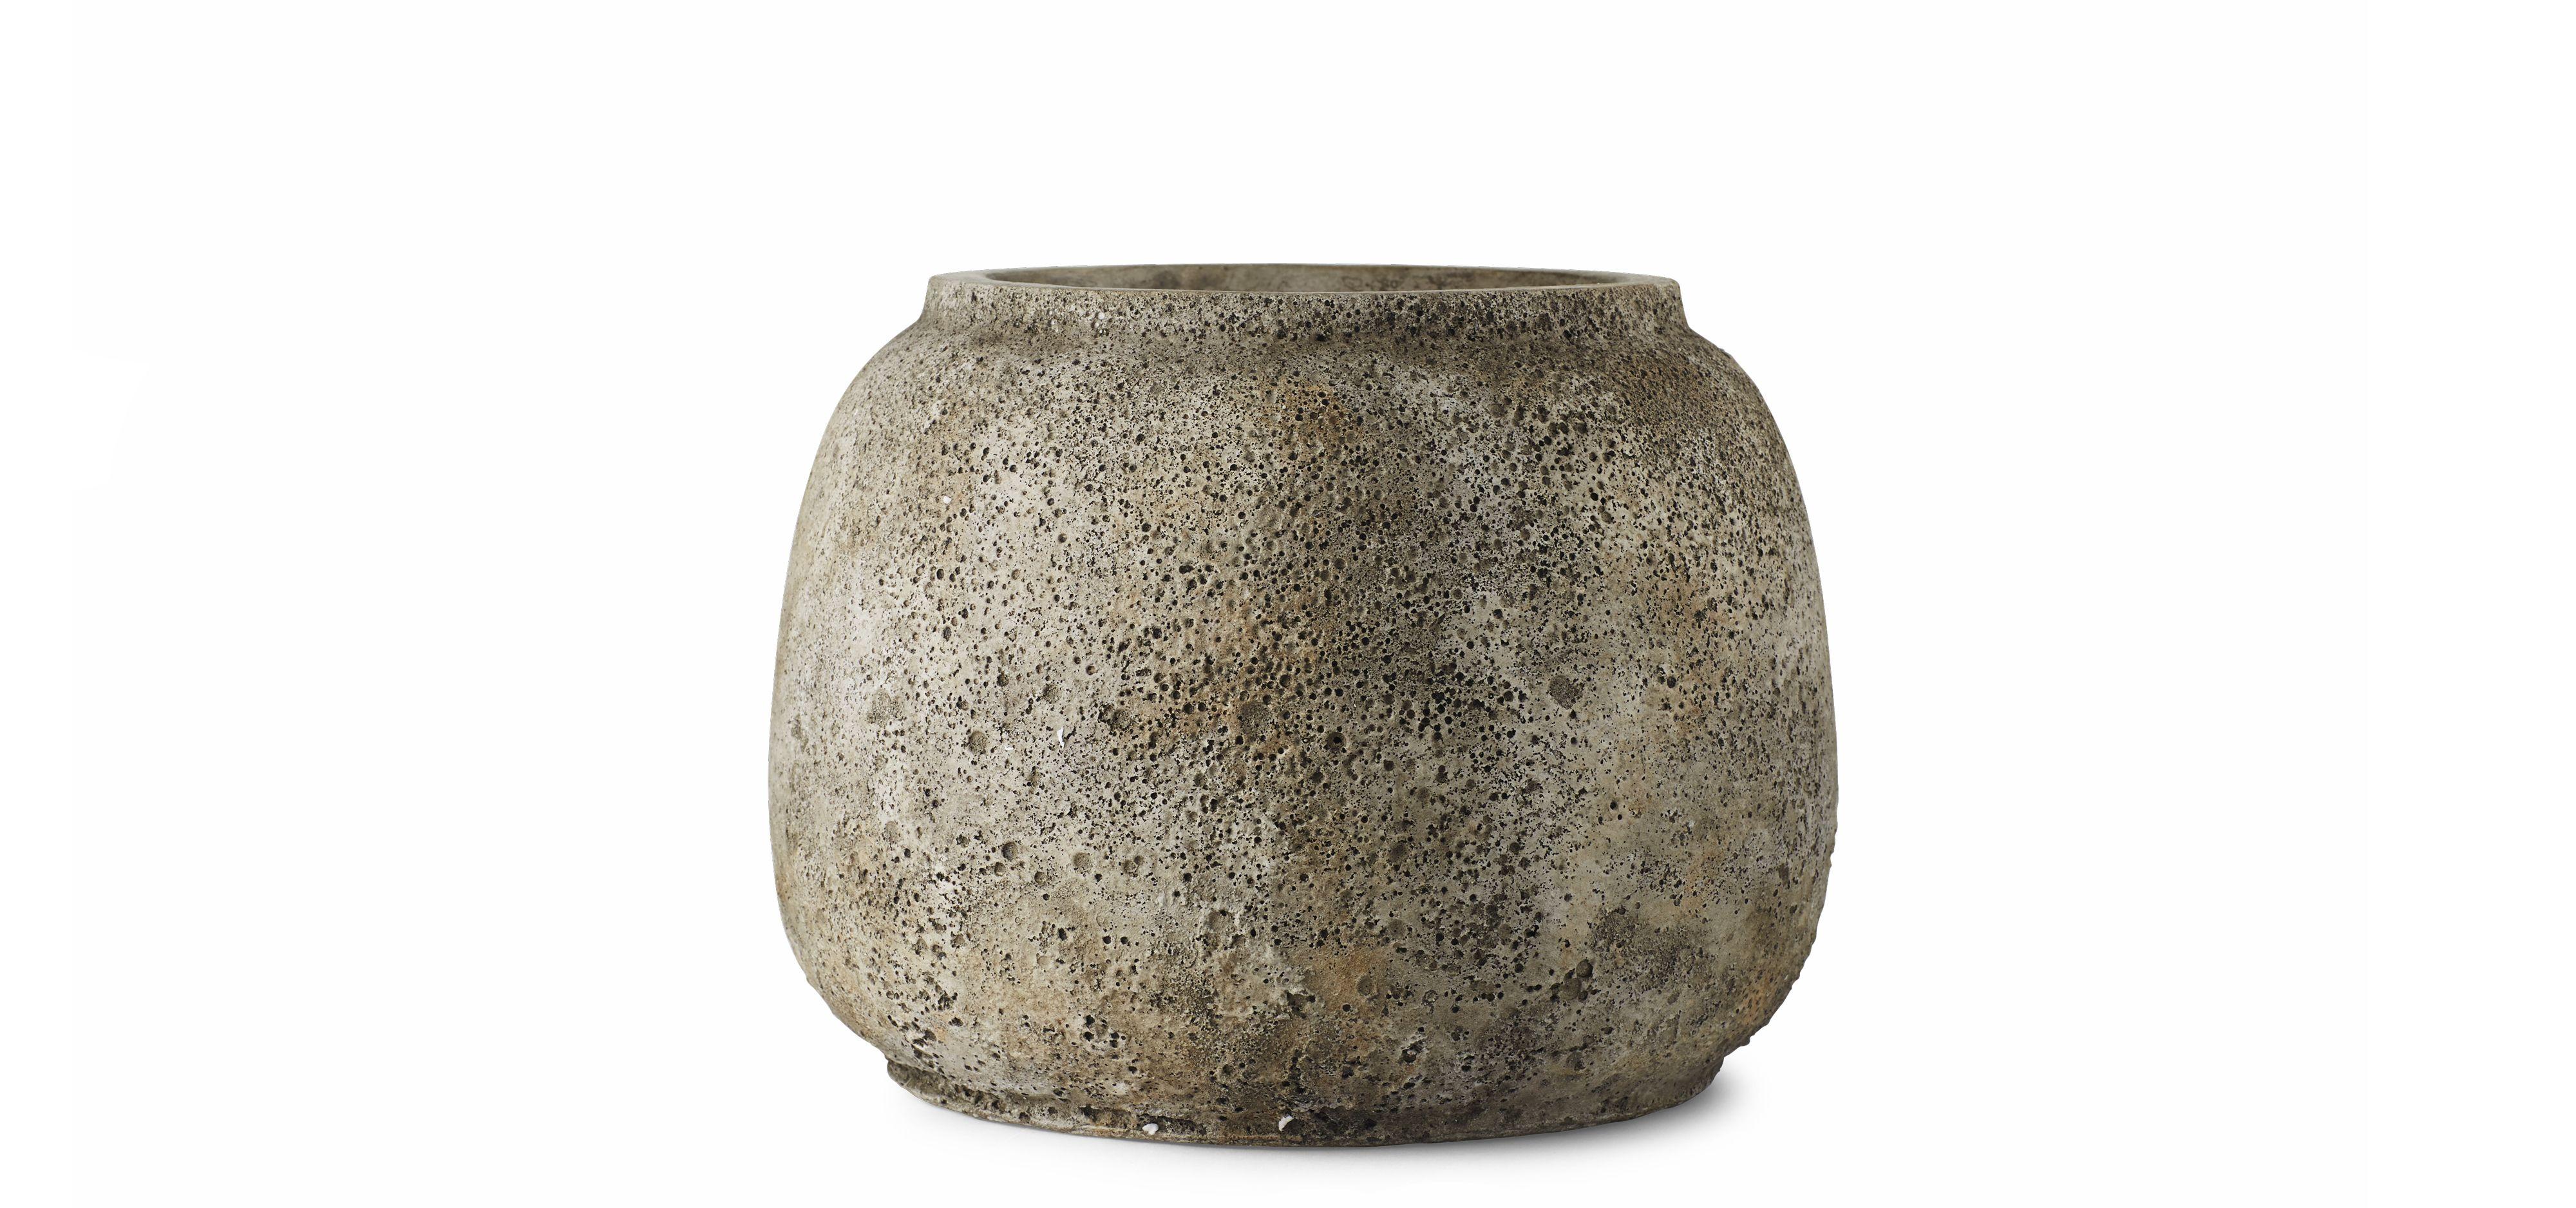 Stone wide vase in fibrecement. Designed by Bolia design team.